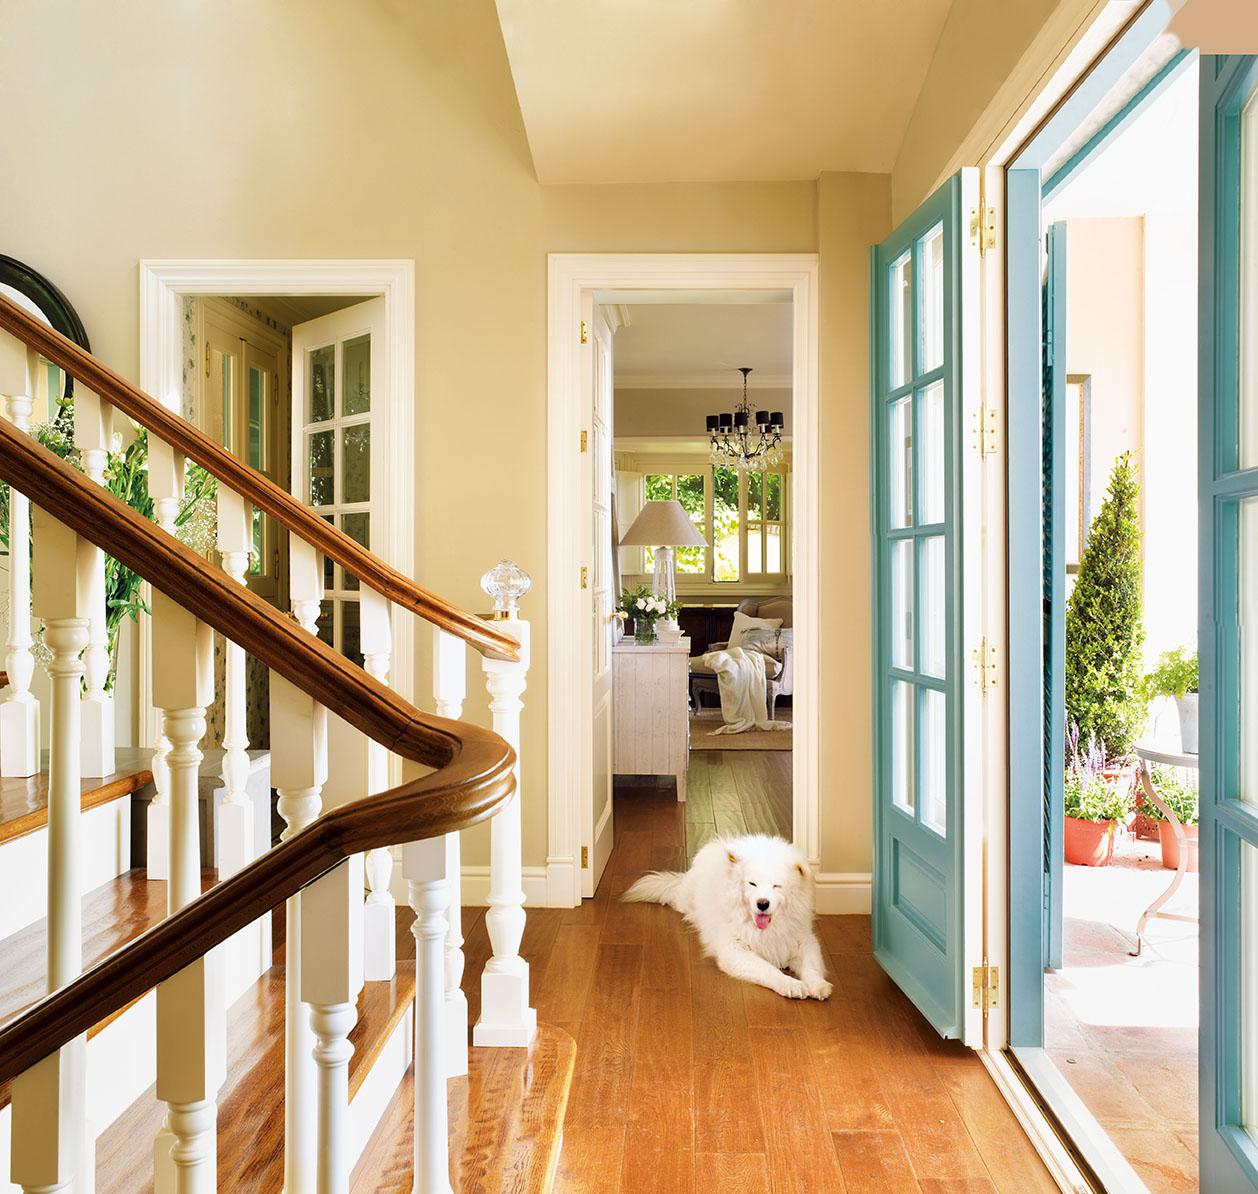 00320812. Entrada y salón de la casa con suelo de roble teñido y paredes claras_00320812